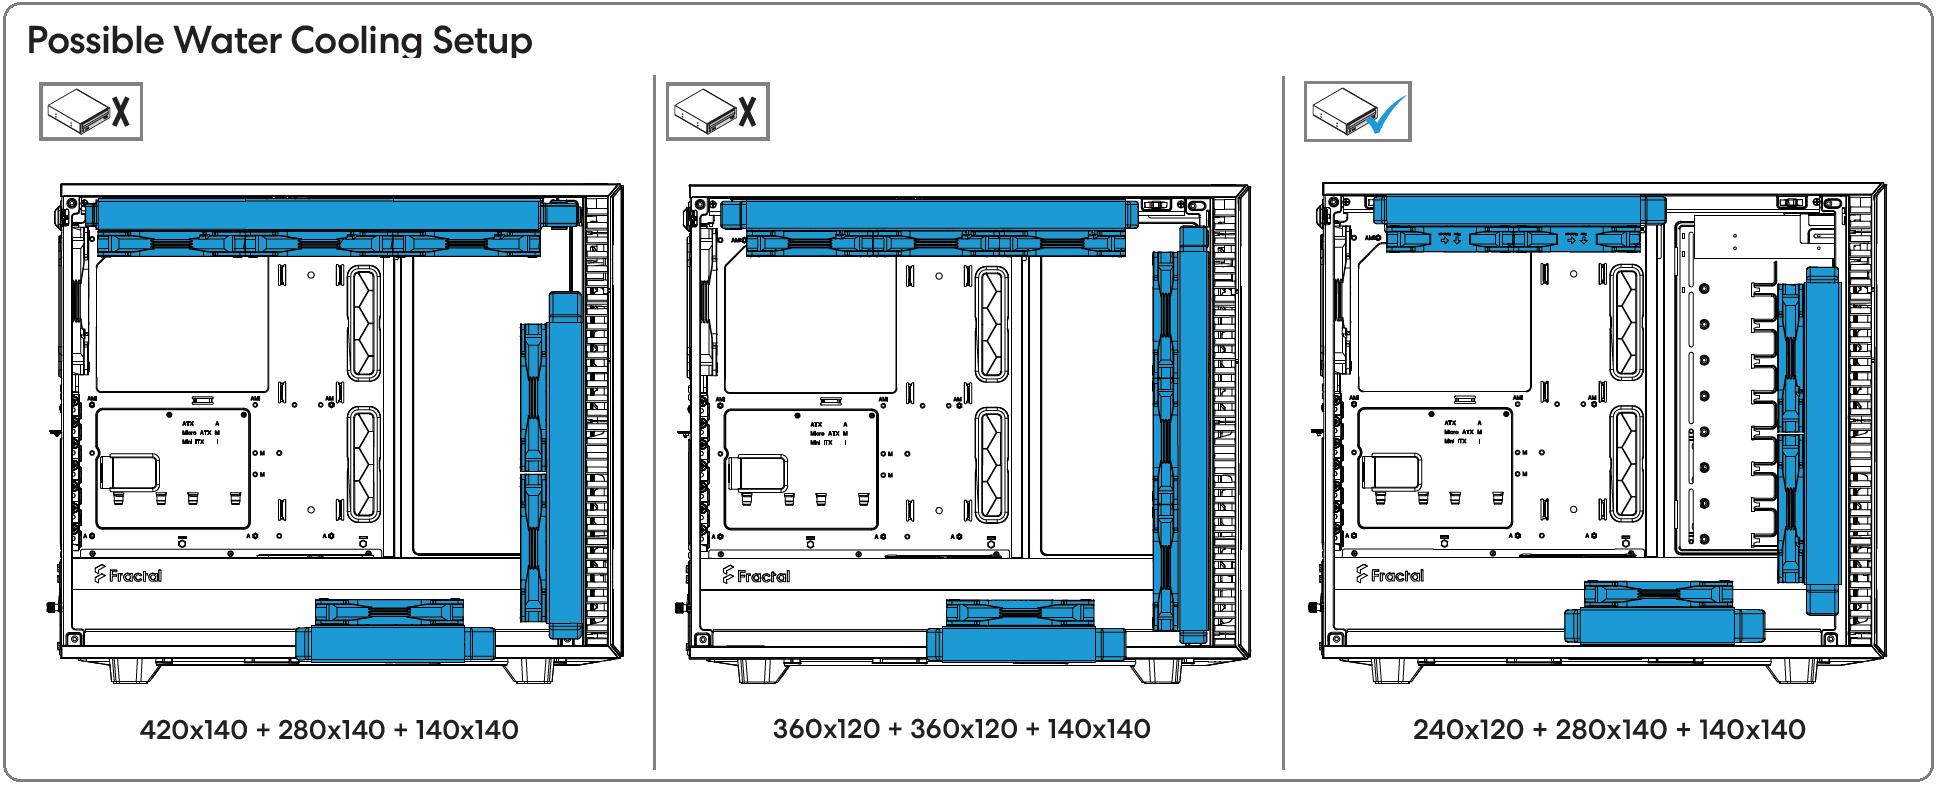 Fractal Design Define 7_possible-DIY-Water